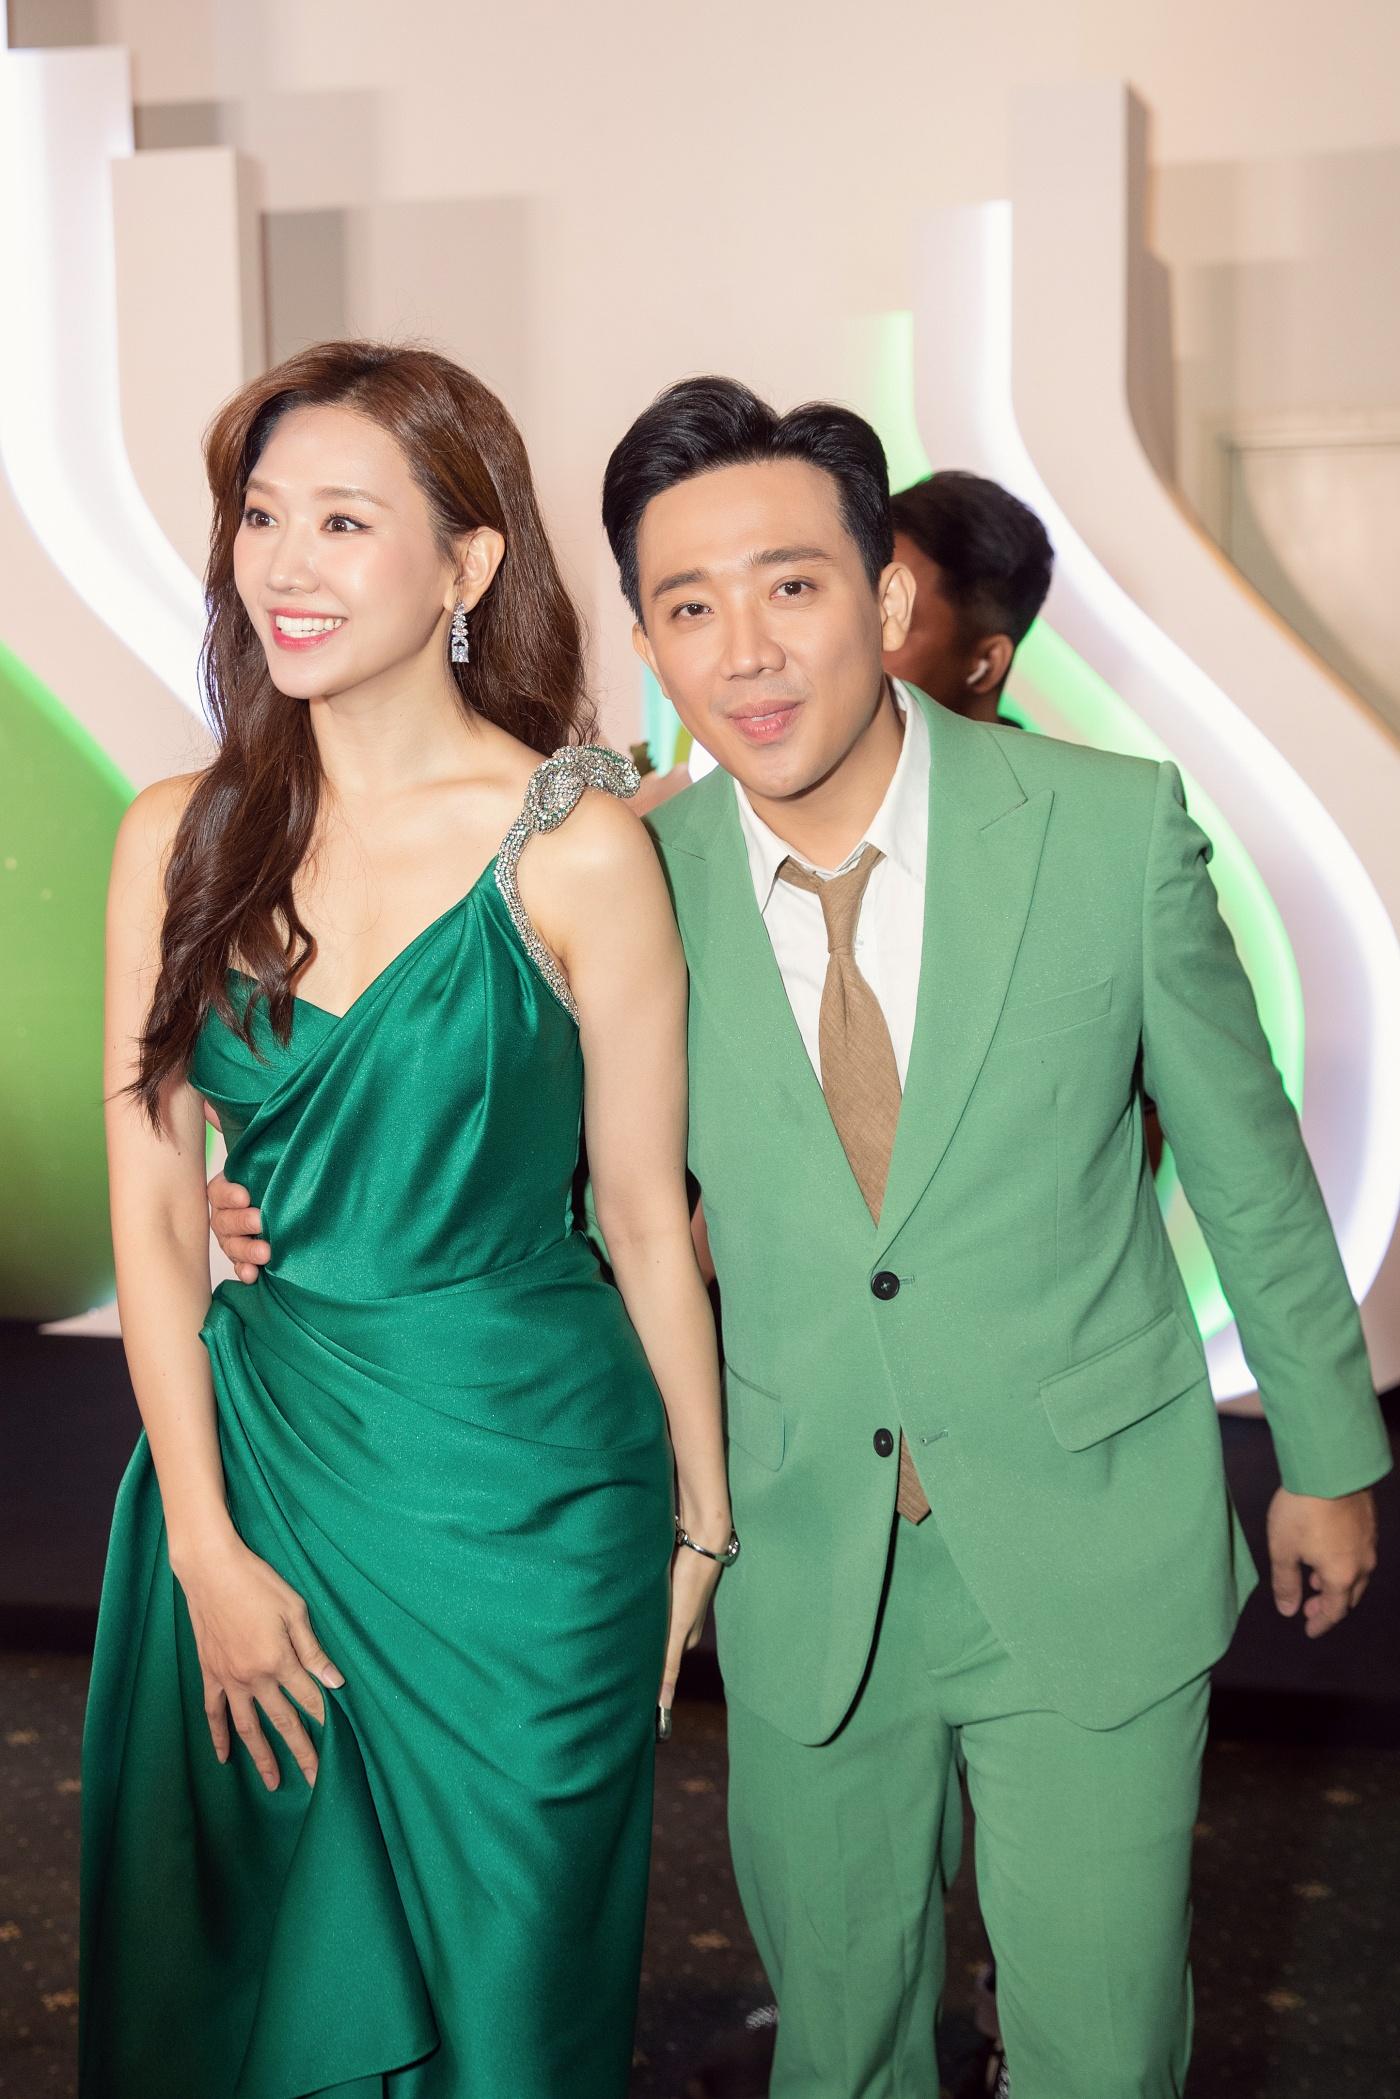 Từng mê Hari Won mặc đồ sexy, giờ Trấn Thành lại soi bộ đầm xẻ cao tít tắp mà vợ diện: Che chắn cẩn thận vẫn thấy không yên tâm - Ảnh 5.